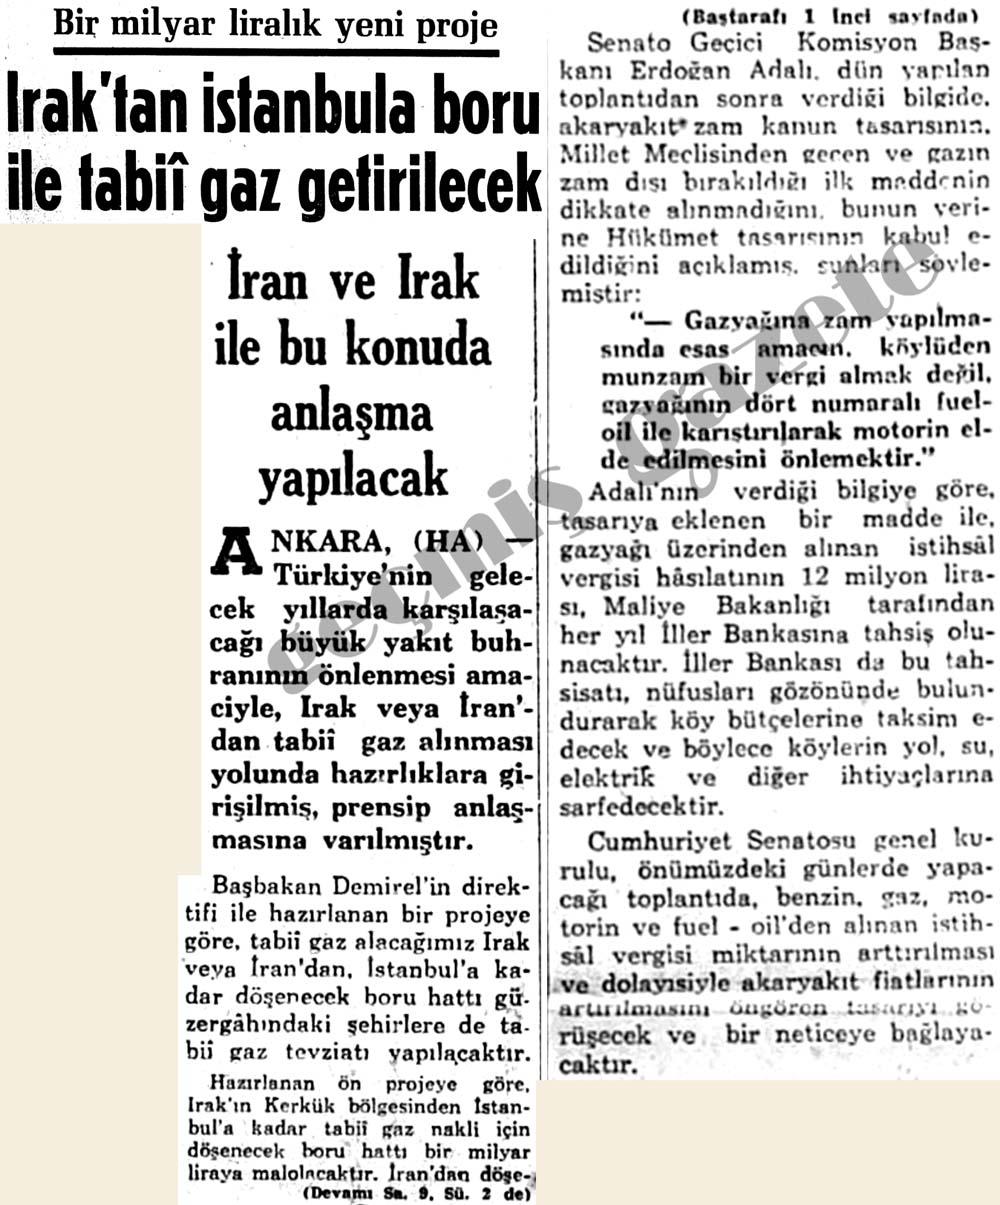 Irak'tan İstanbula boru ile tabii gaz getirilecek